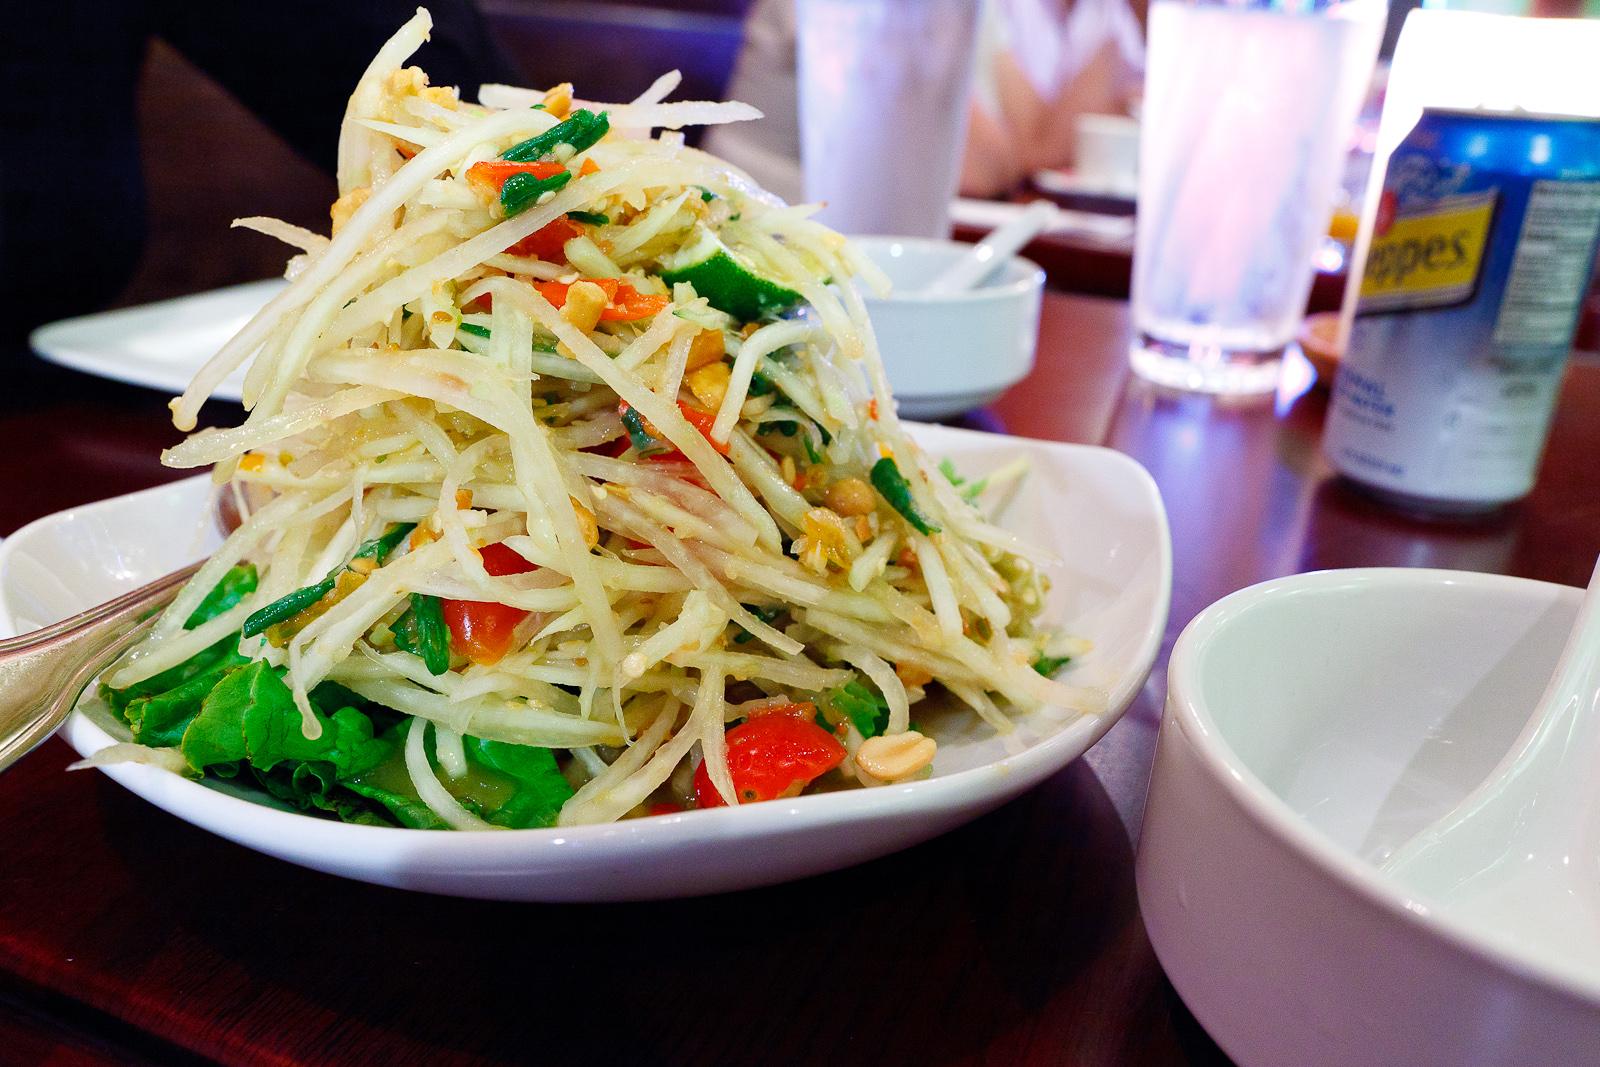 Papaya salad with dried shrimp and peanuts ($7)